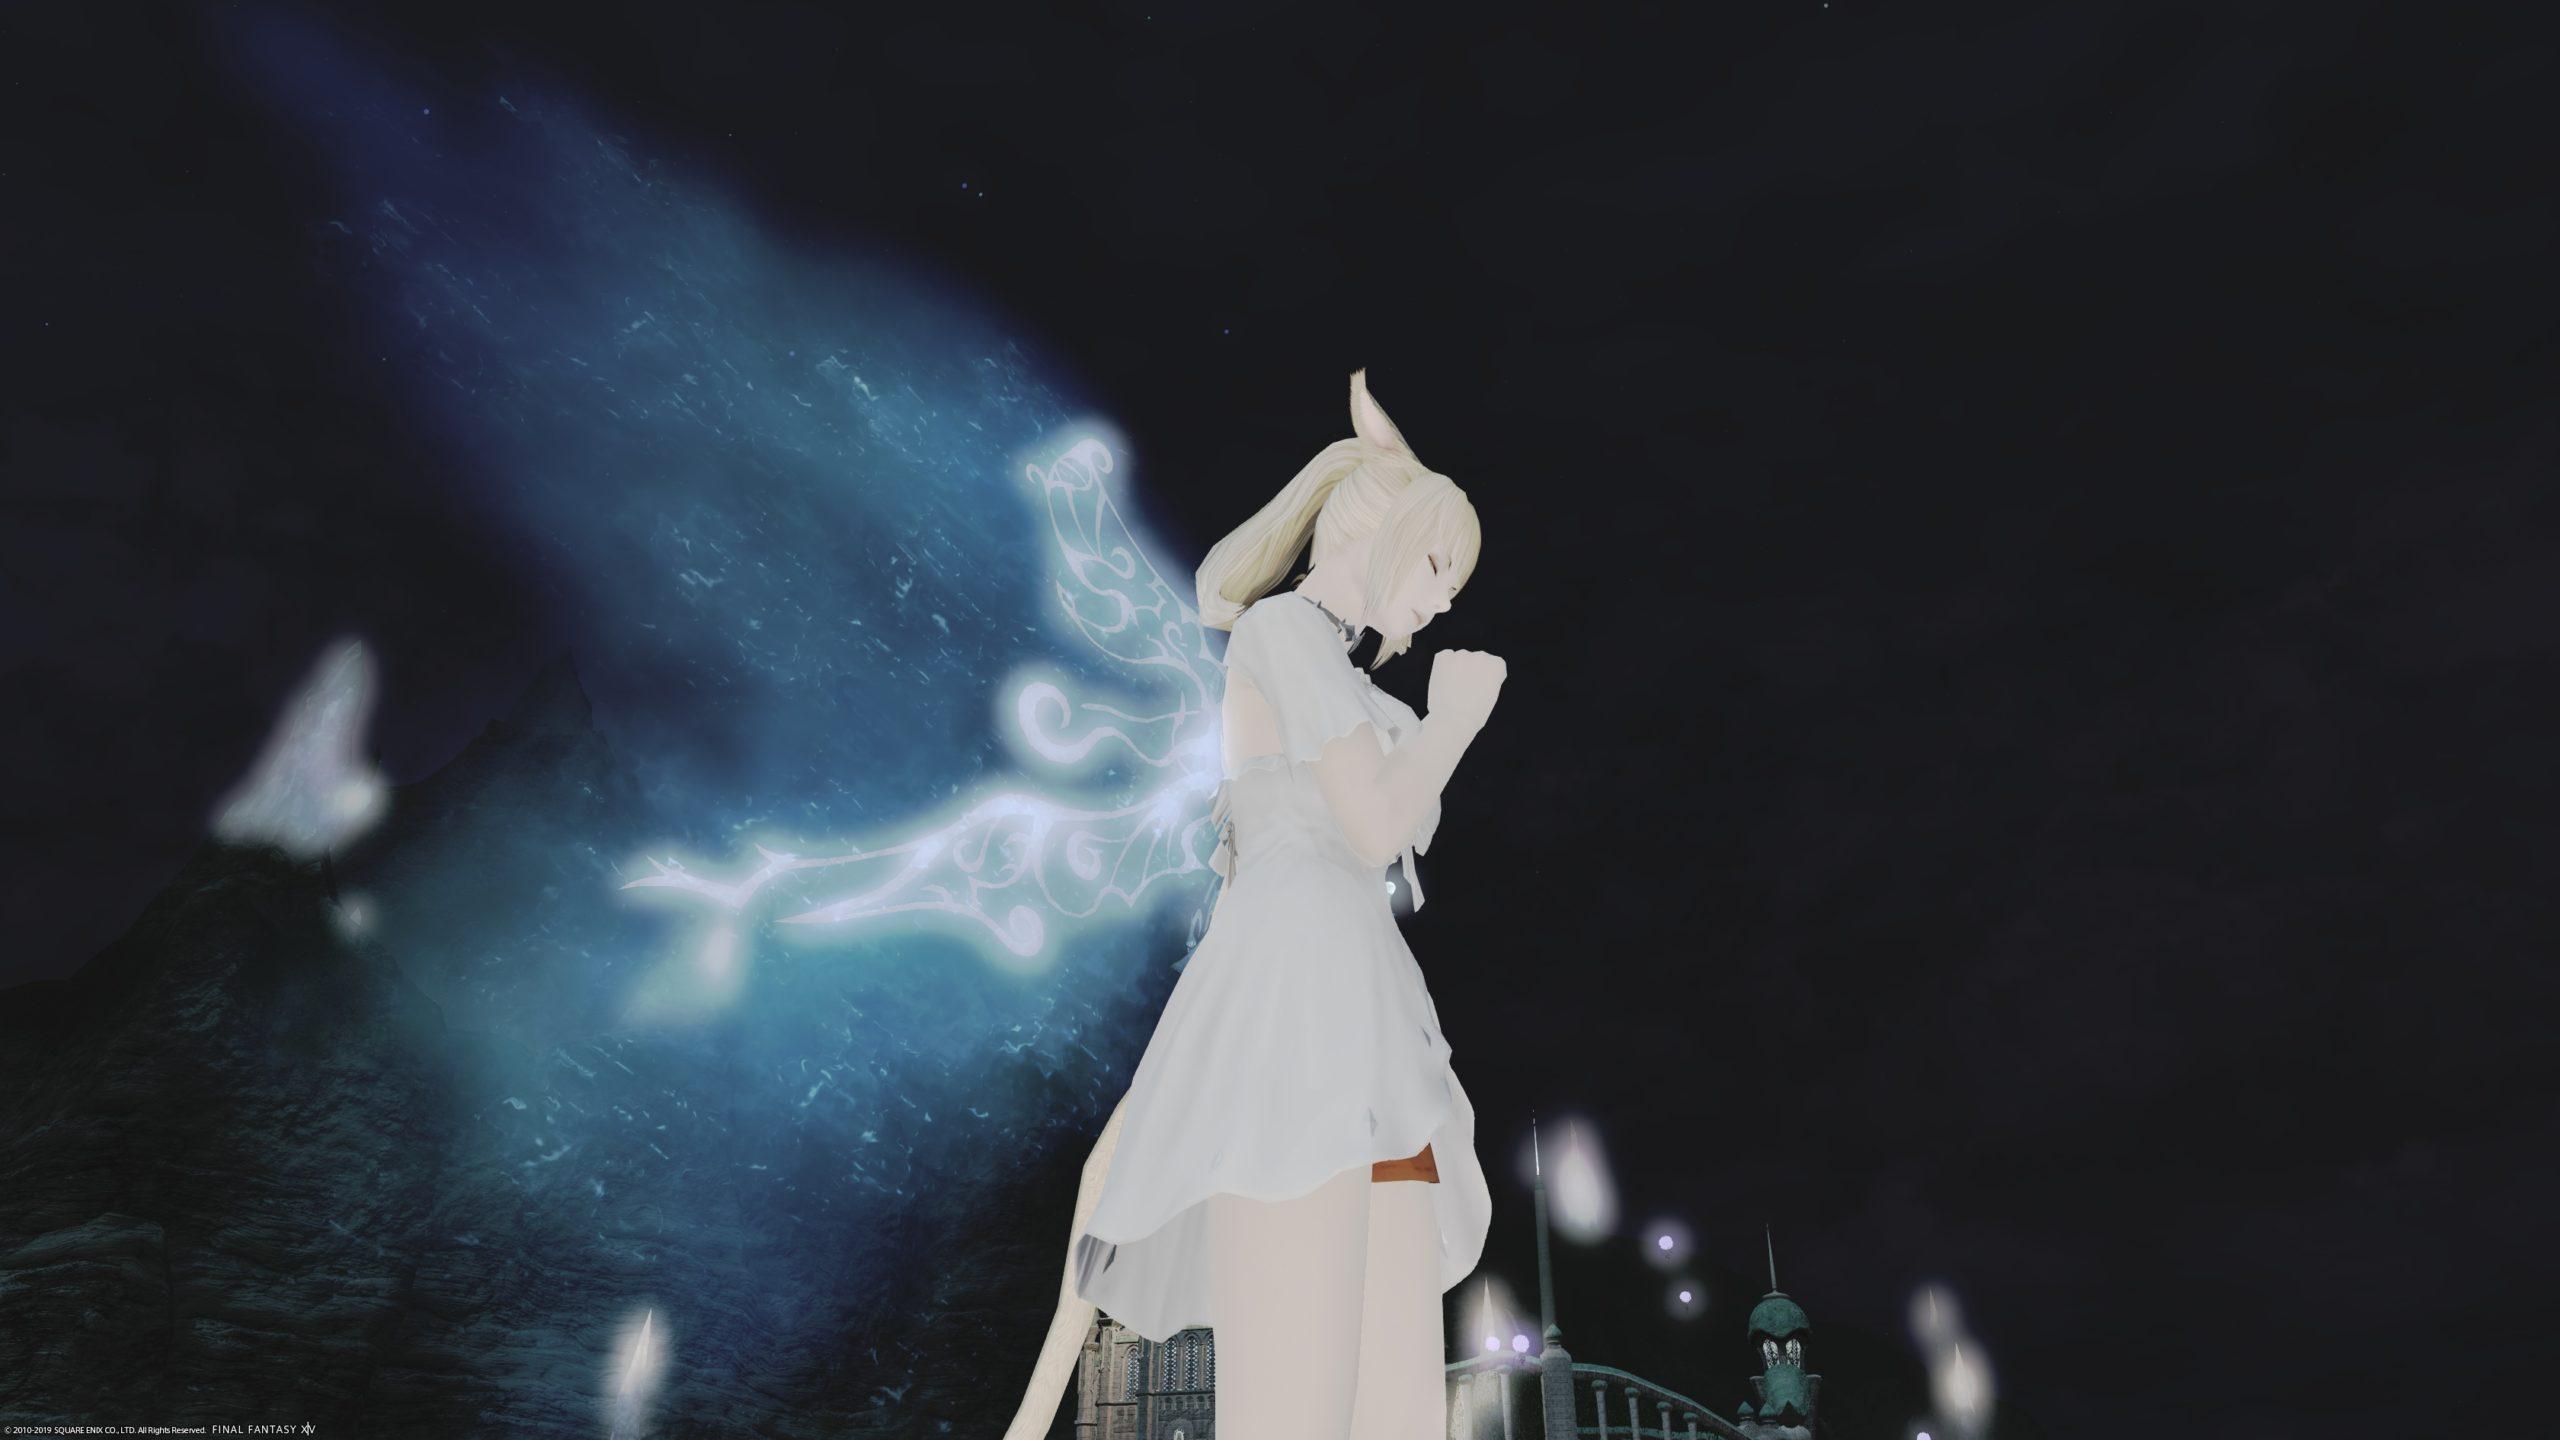 イルメグの妖精撮影イメージ